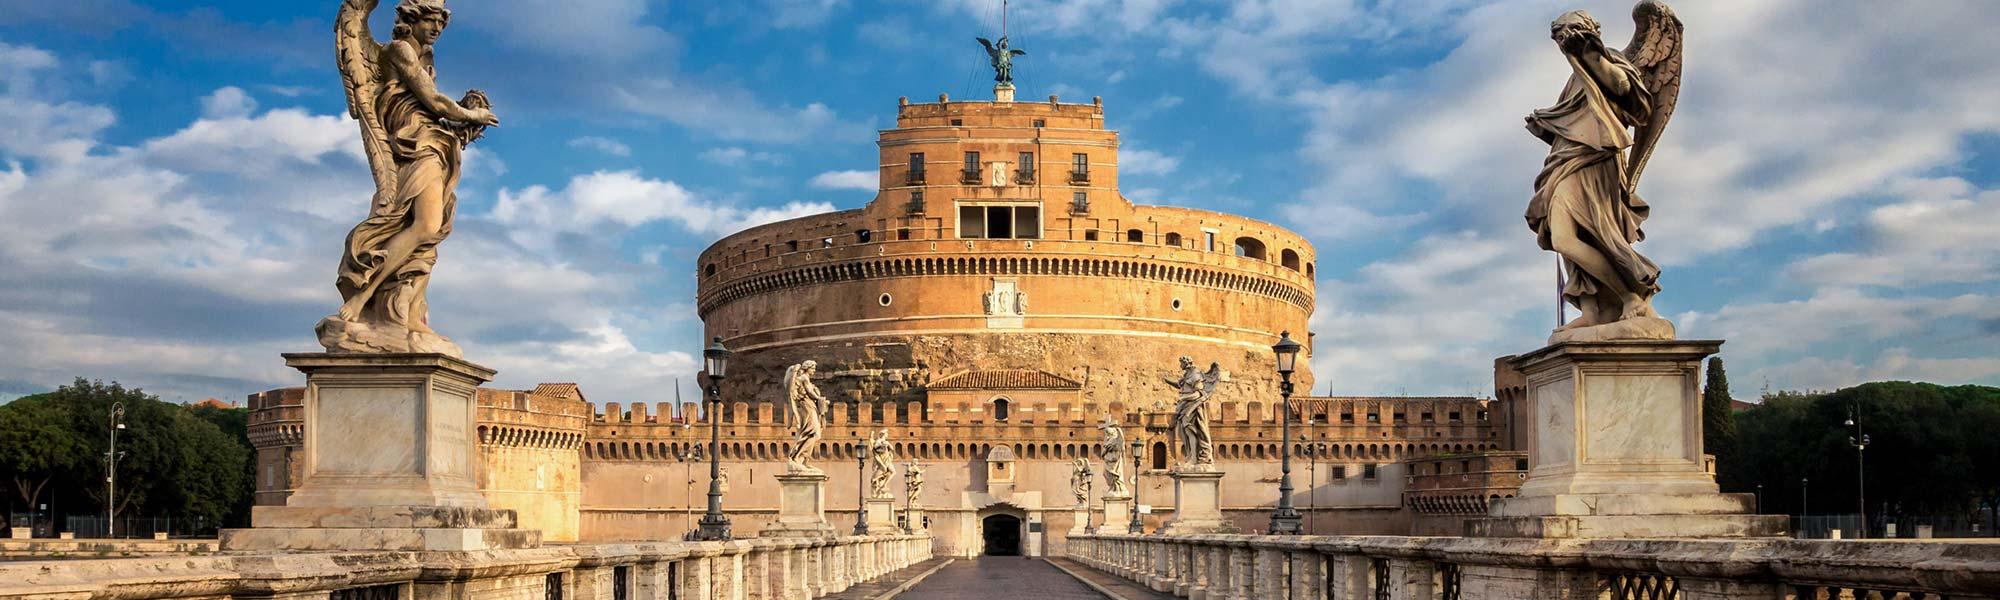 Investigazioni aziendali a Roma